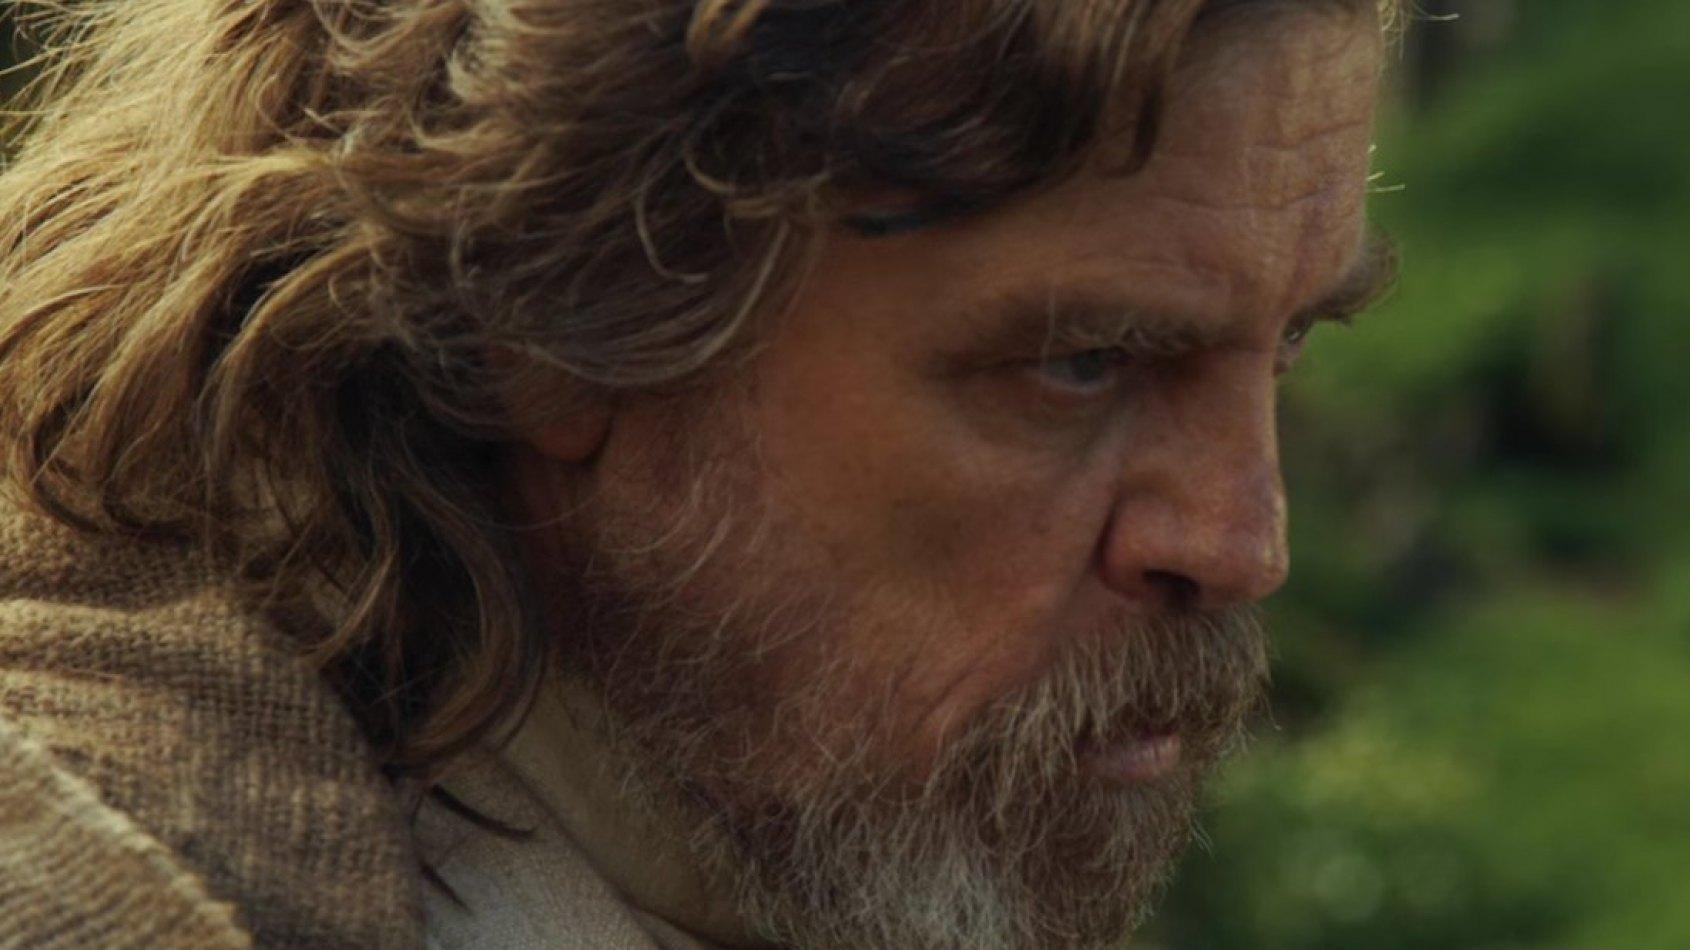 Une photo inédite de Luke Skywalker dans le Réveil de la Force